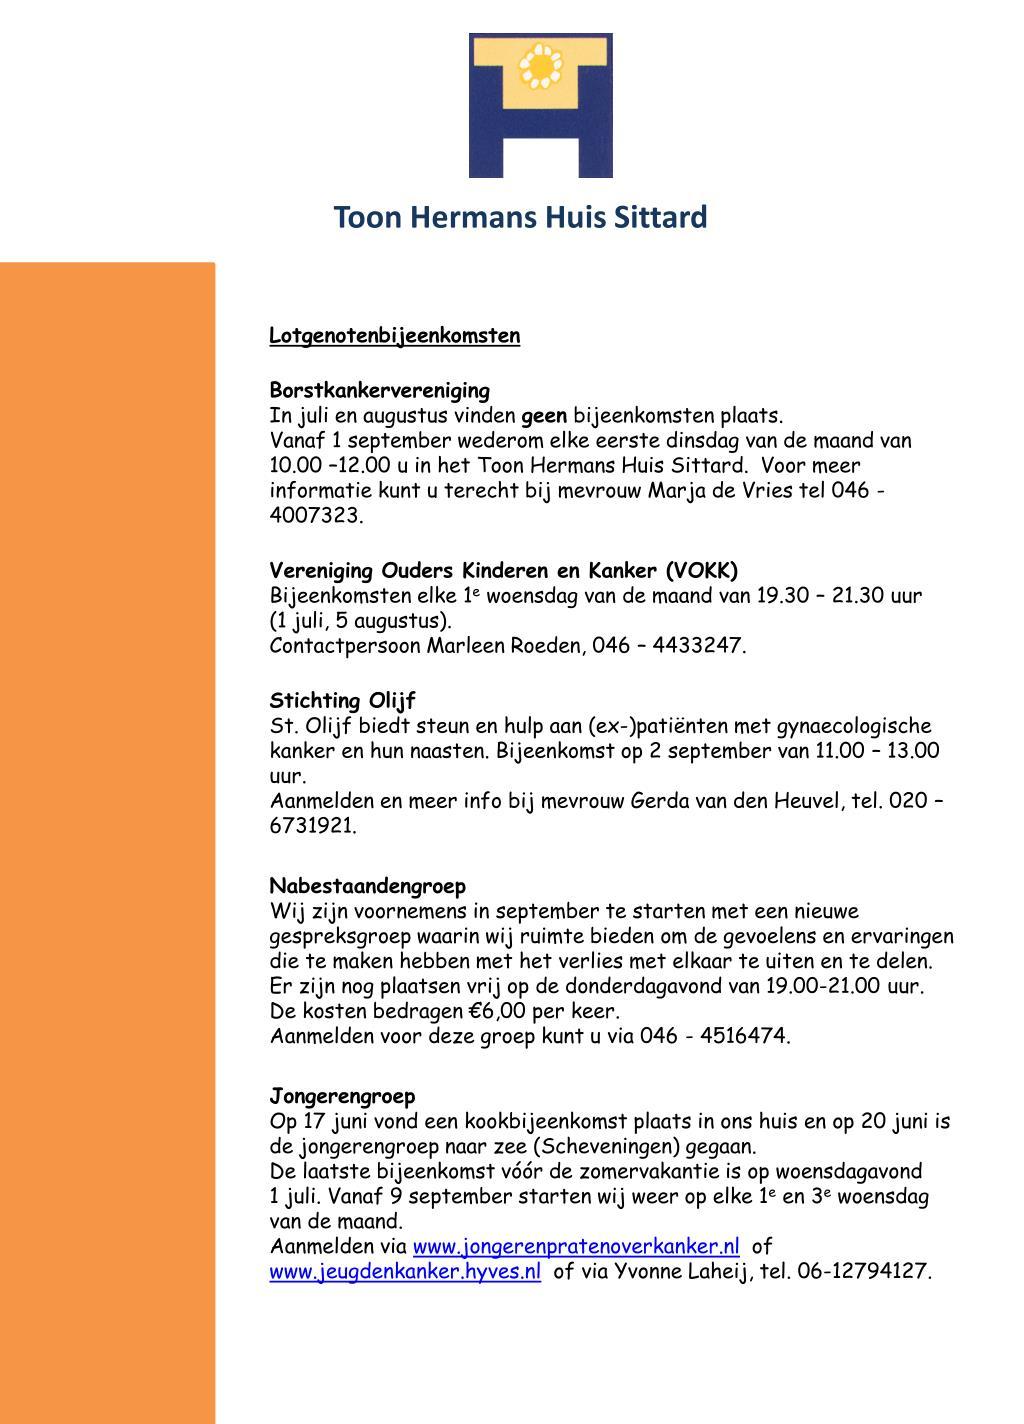 Ppt Toon Hermans Huis Sittard Powerpoint Presentation